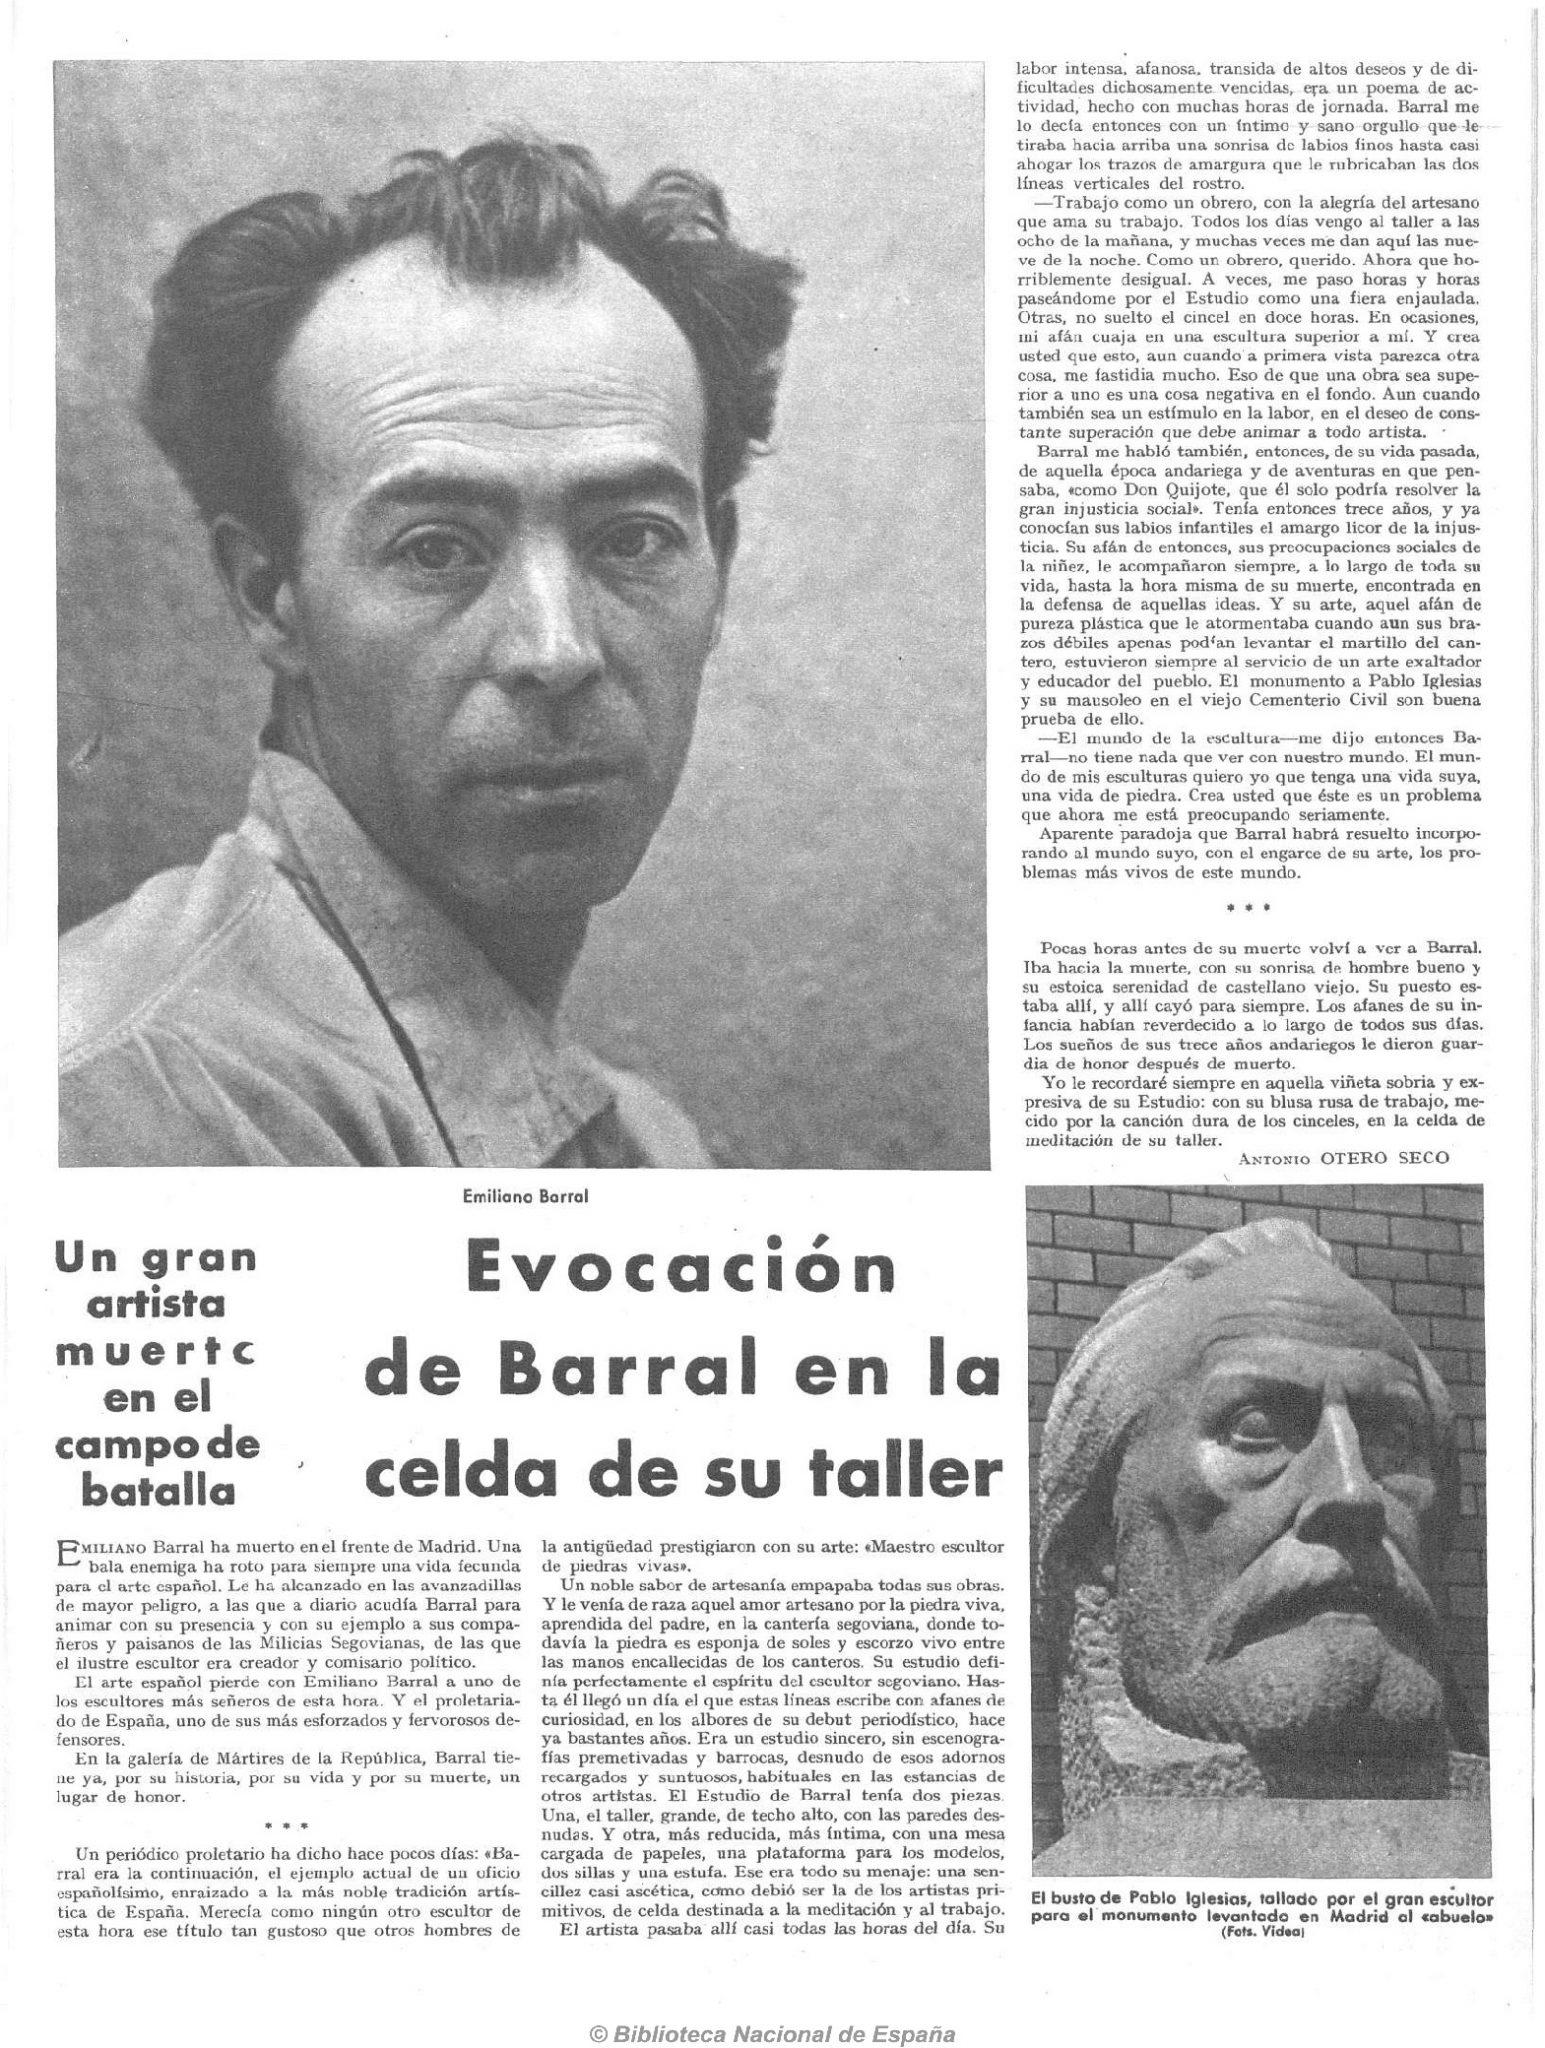 Emiliano Barral, escultor segoviano, caído en la defensa de Madrid el 21 de noviembre de 1936. Crónica, Hemeroteca BNE.